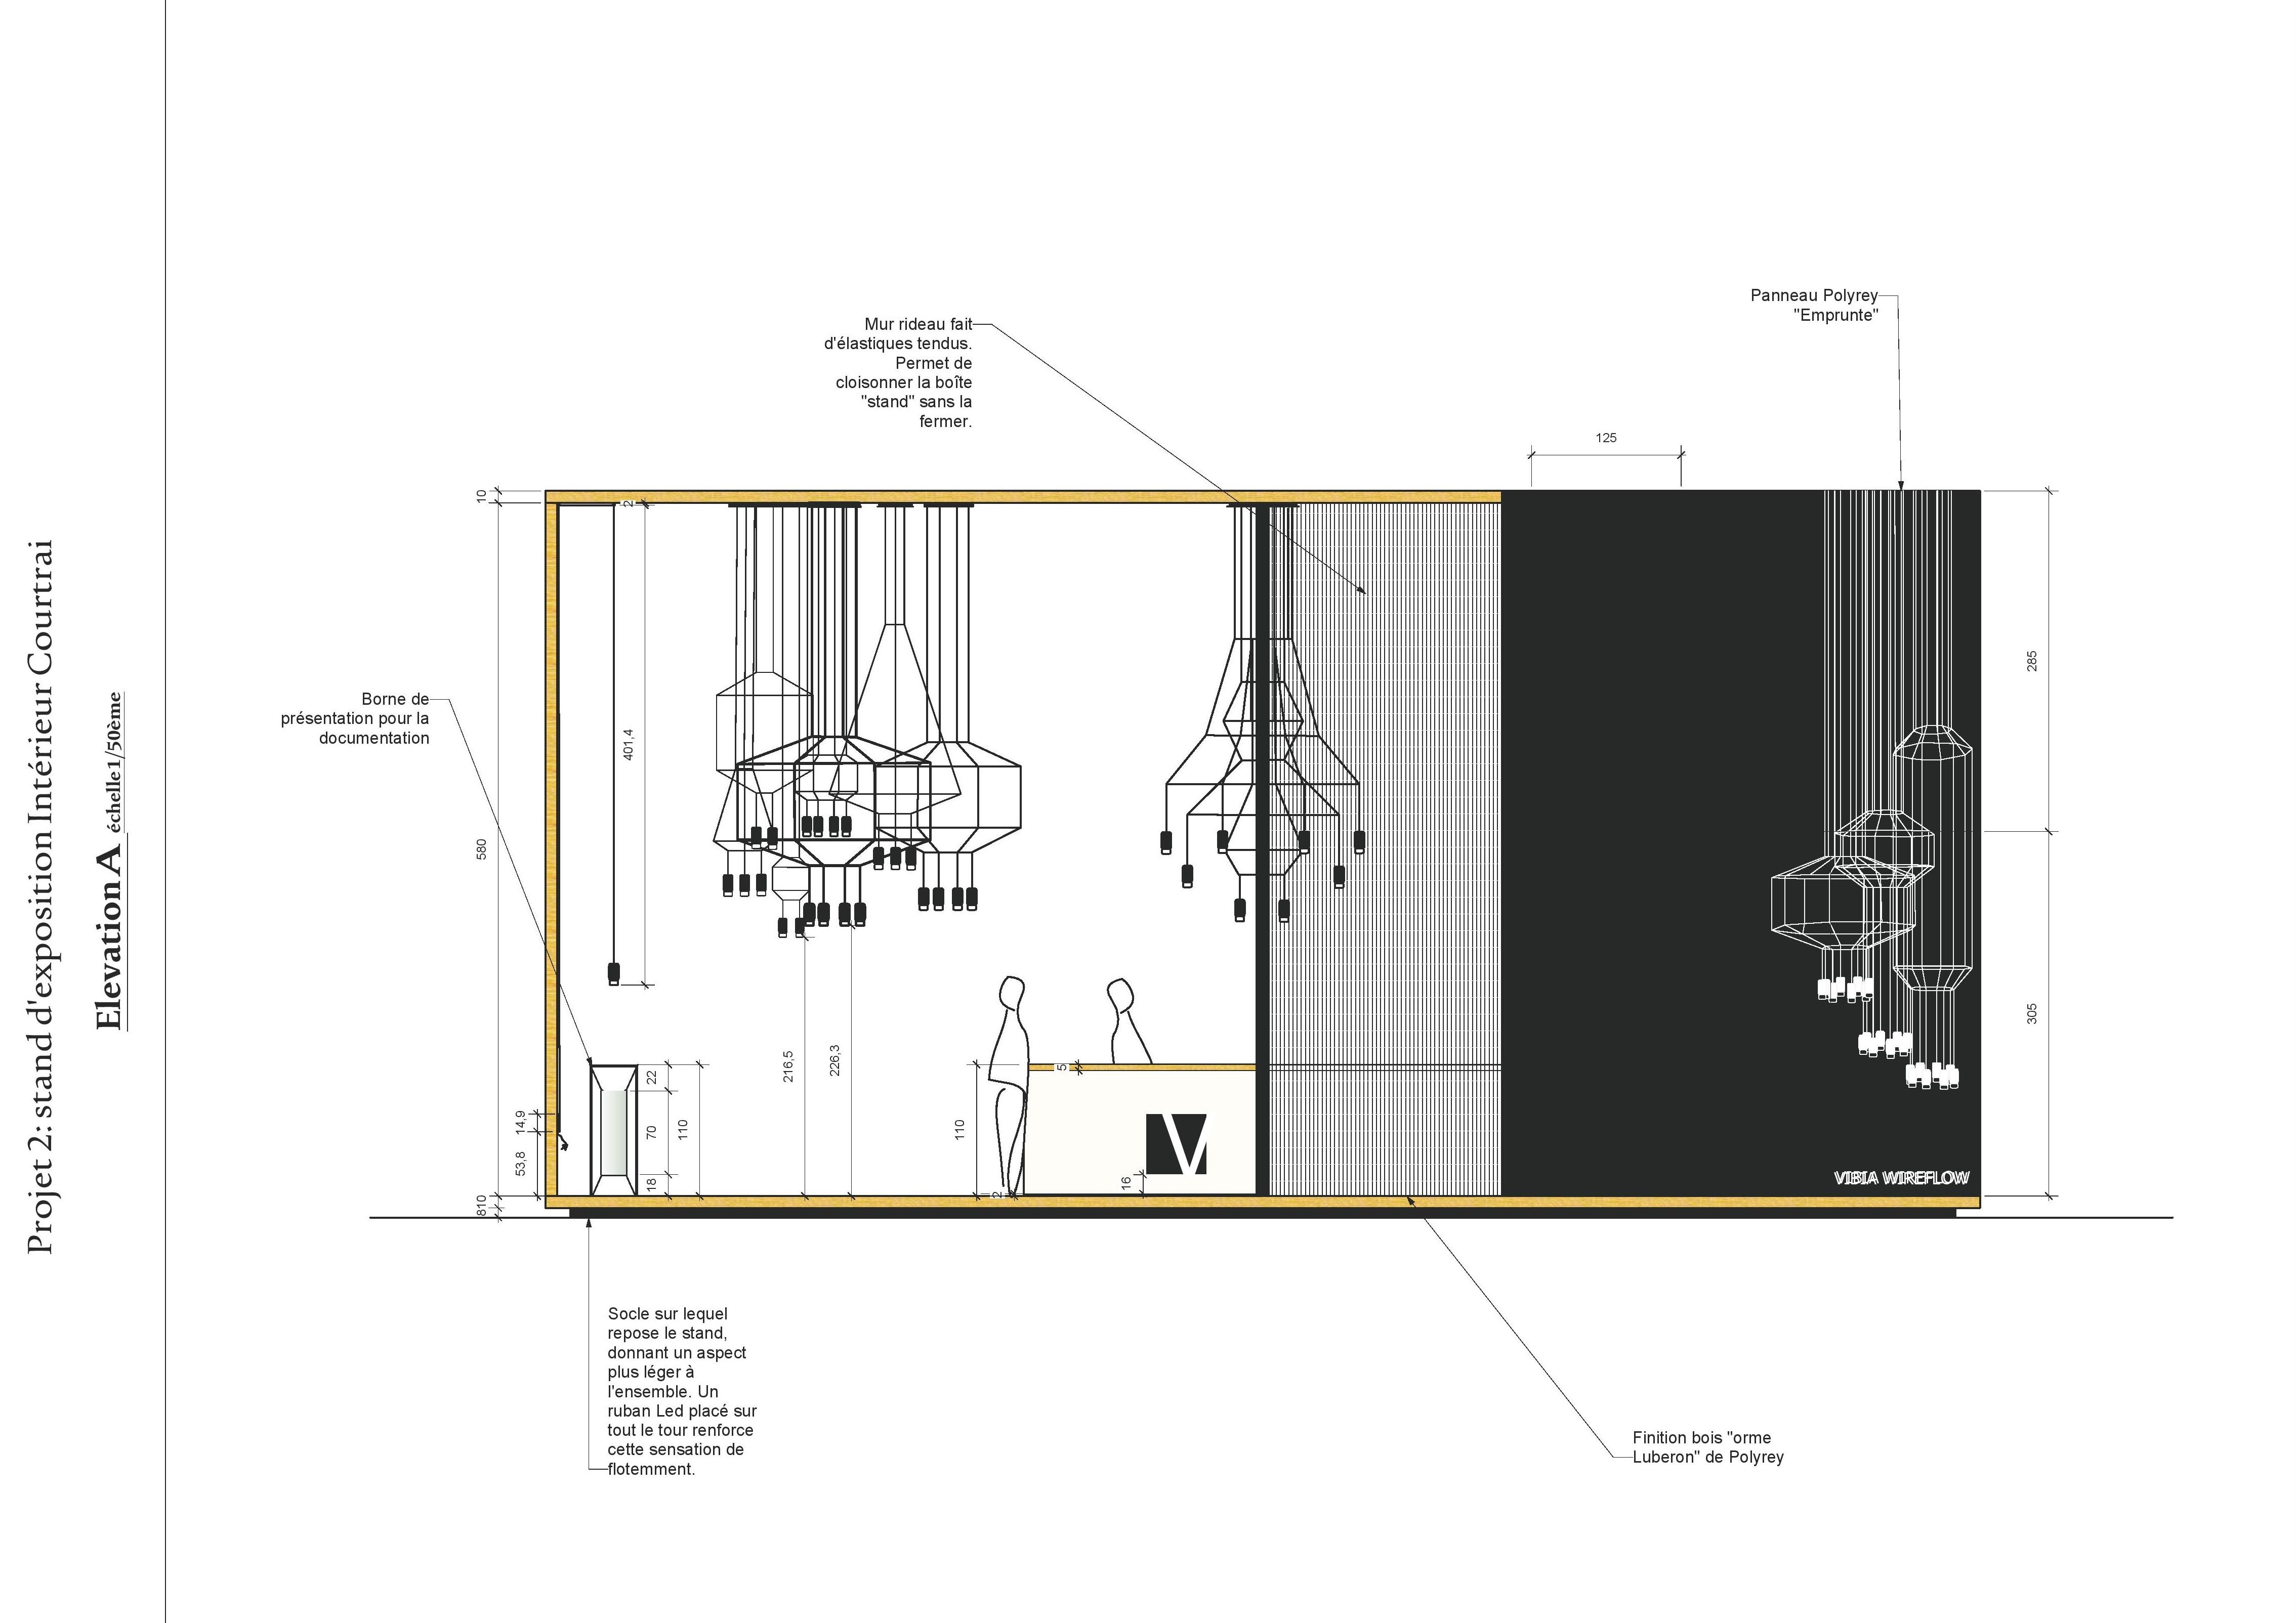 projet 2 plans impression.vwx-page-002